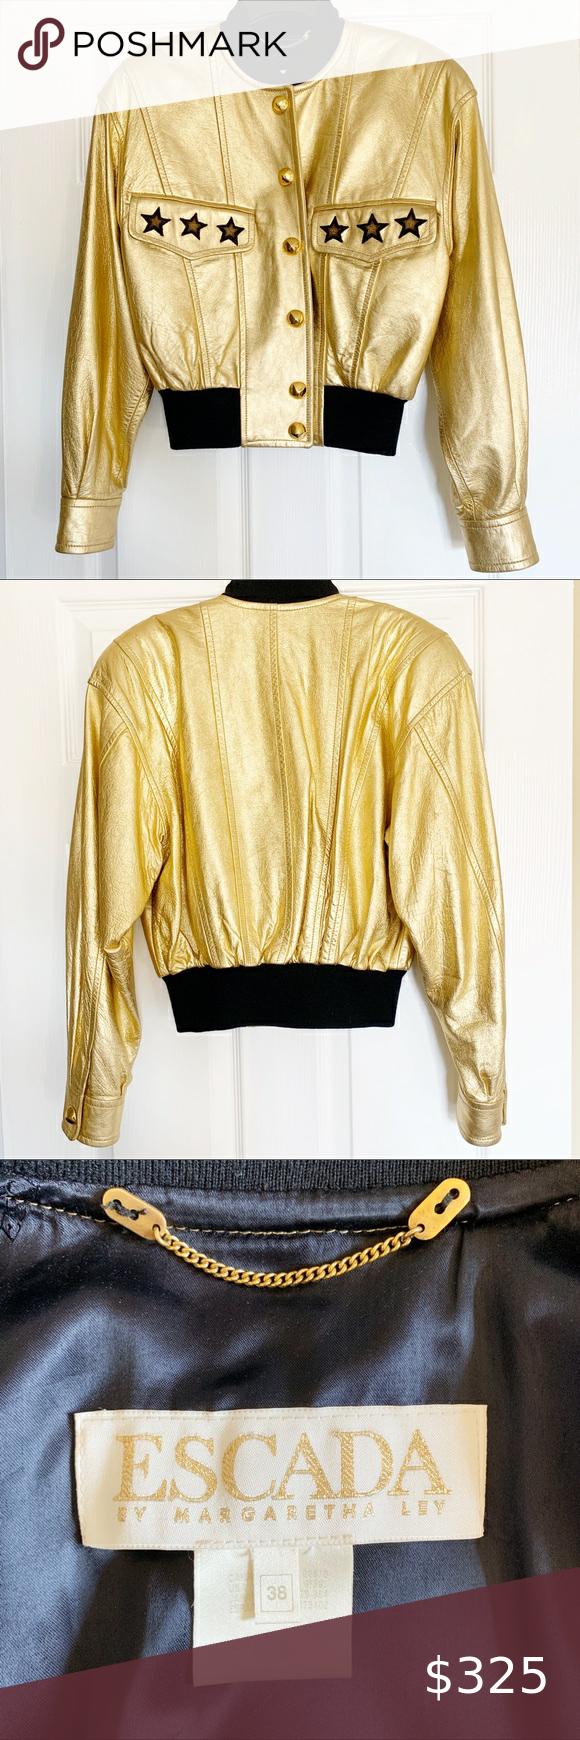 Escada Vintage Leather Jacket Vintage Leather Jacket Leather Jacket Gold Bomber Jacket [ 1740 x 580 Pixel ]